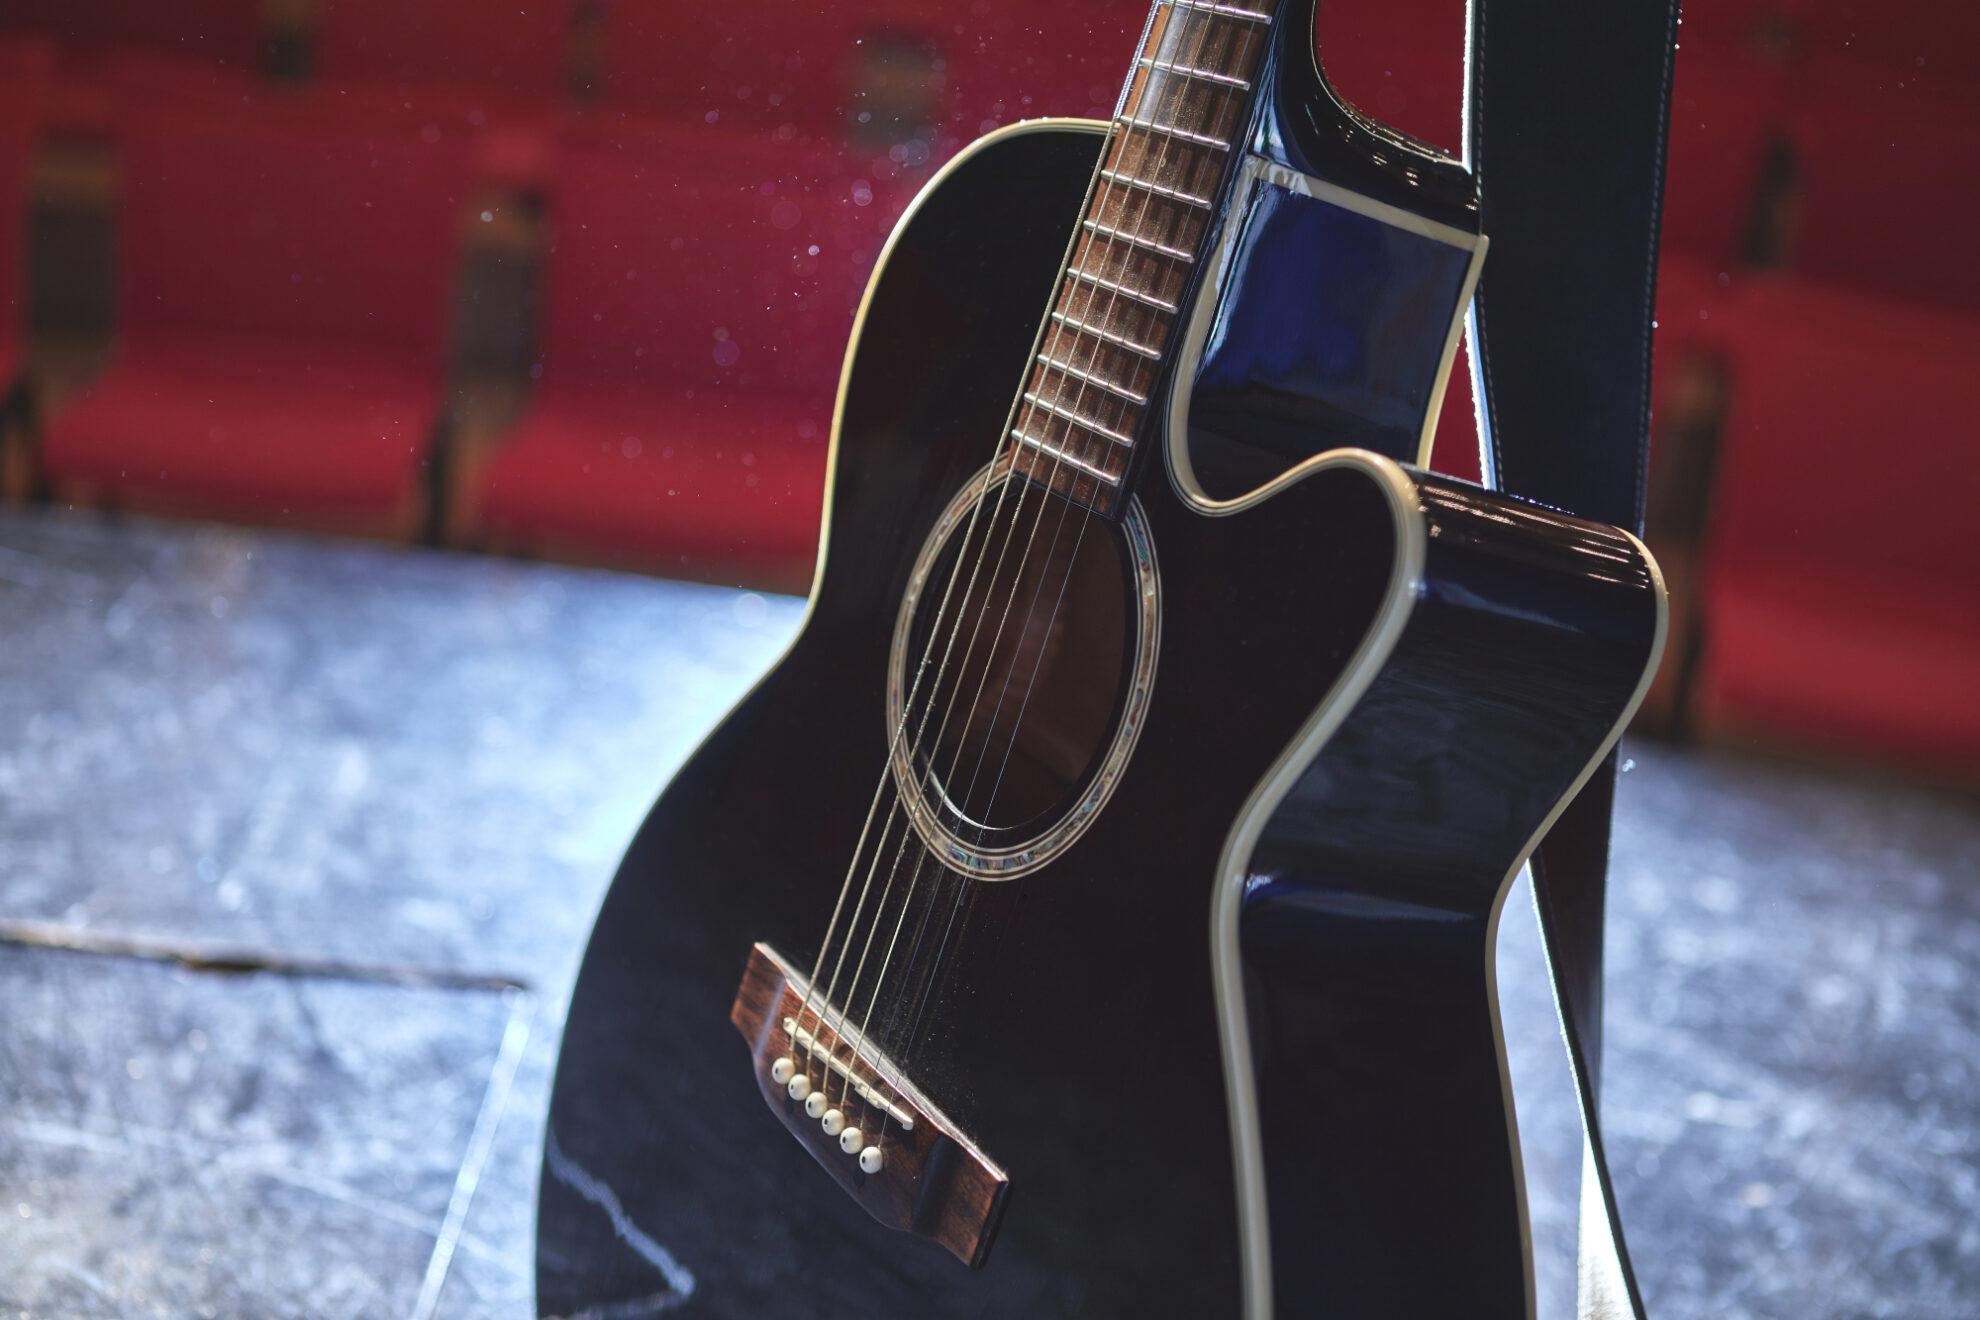 Kultur Kreativwirtschaft Zugspitz Region Zeichnen Musikwirtschaft Gitarre